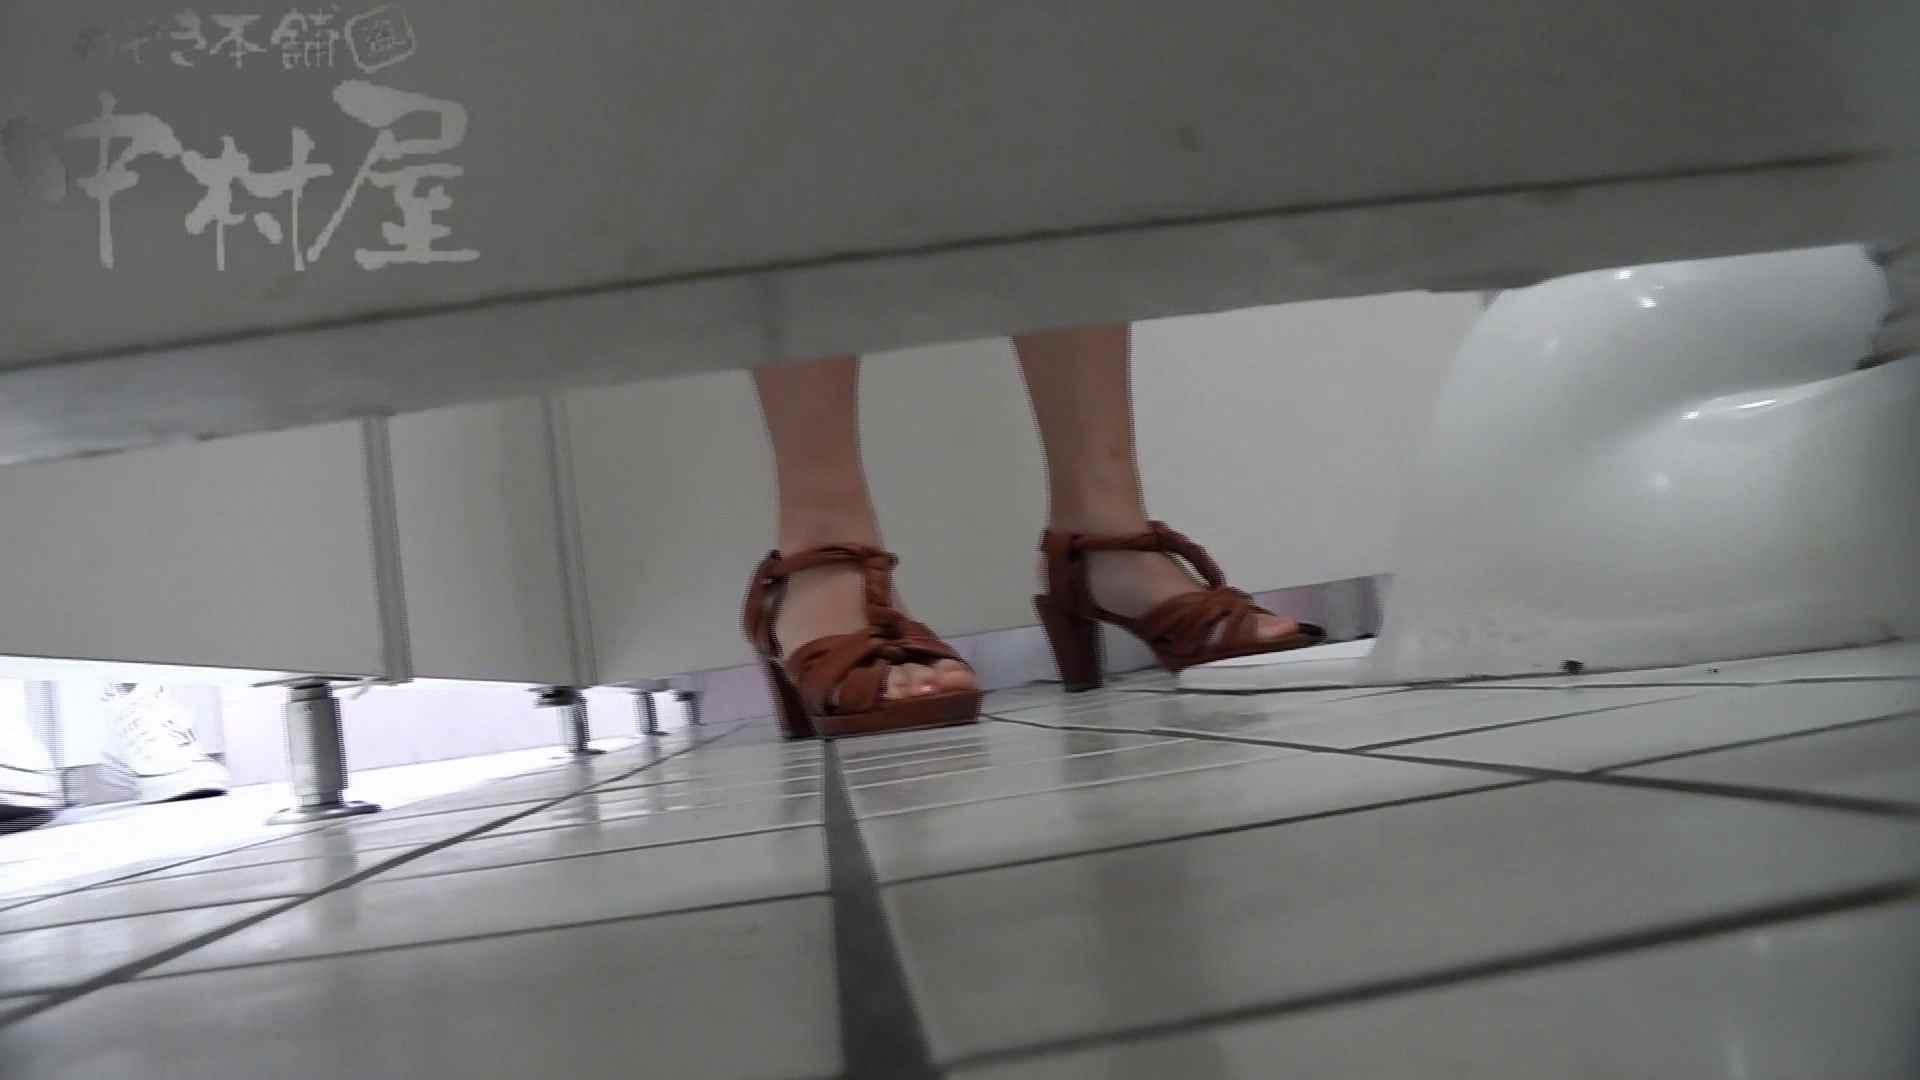 美しい日本の未来 No.34 緊迫!予告モデル撮ろうとしたら清掃員に遭遇 盗撮シリーズ 盗み撮り動画 79PIX 79